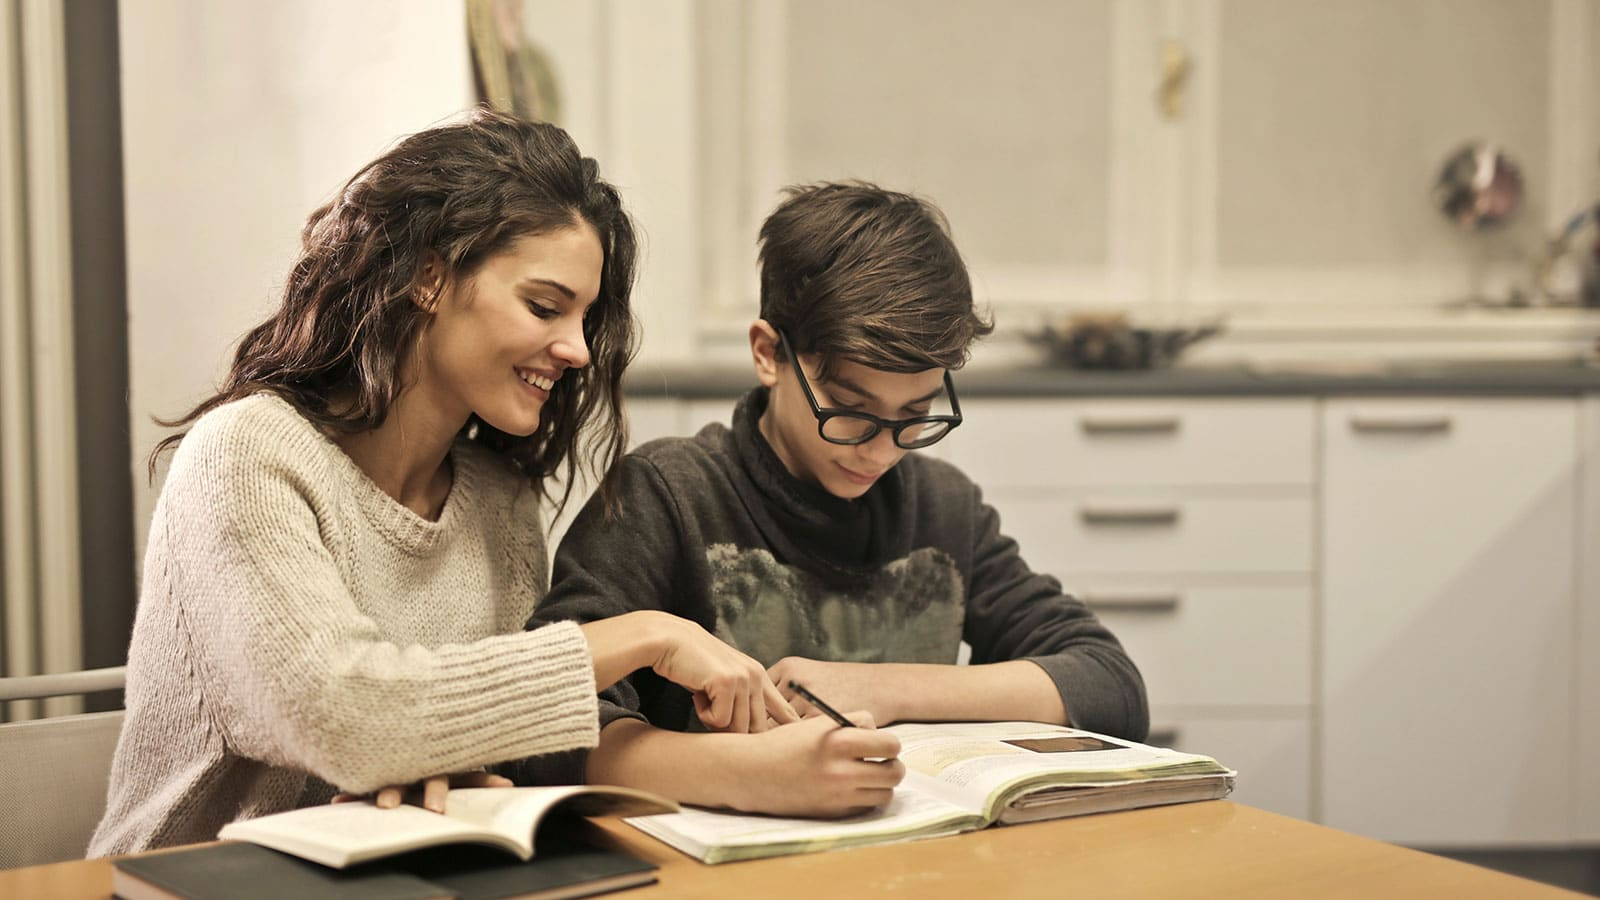 A teacher tutoring a student